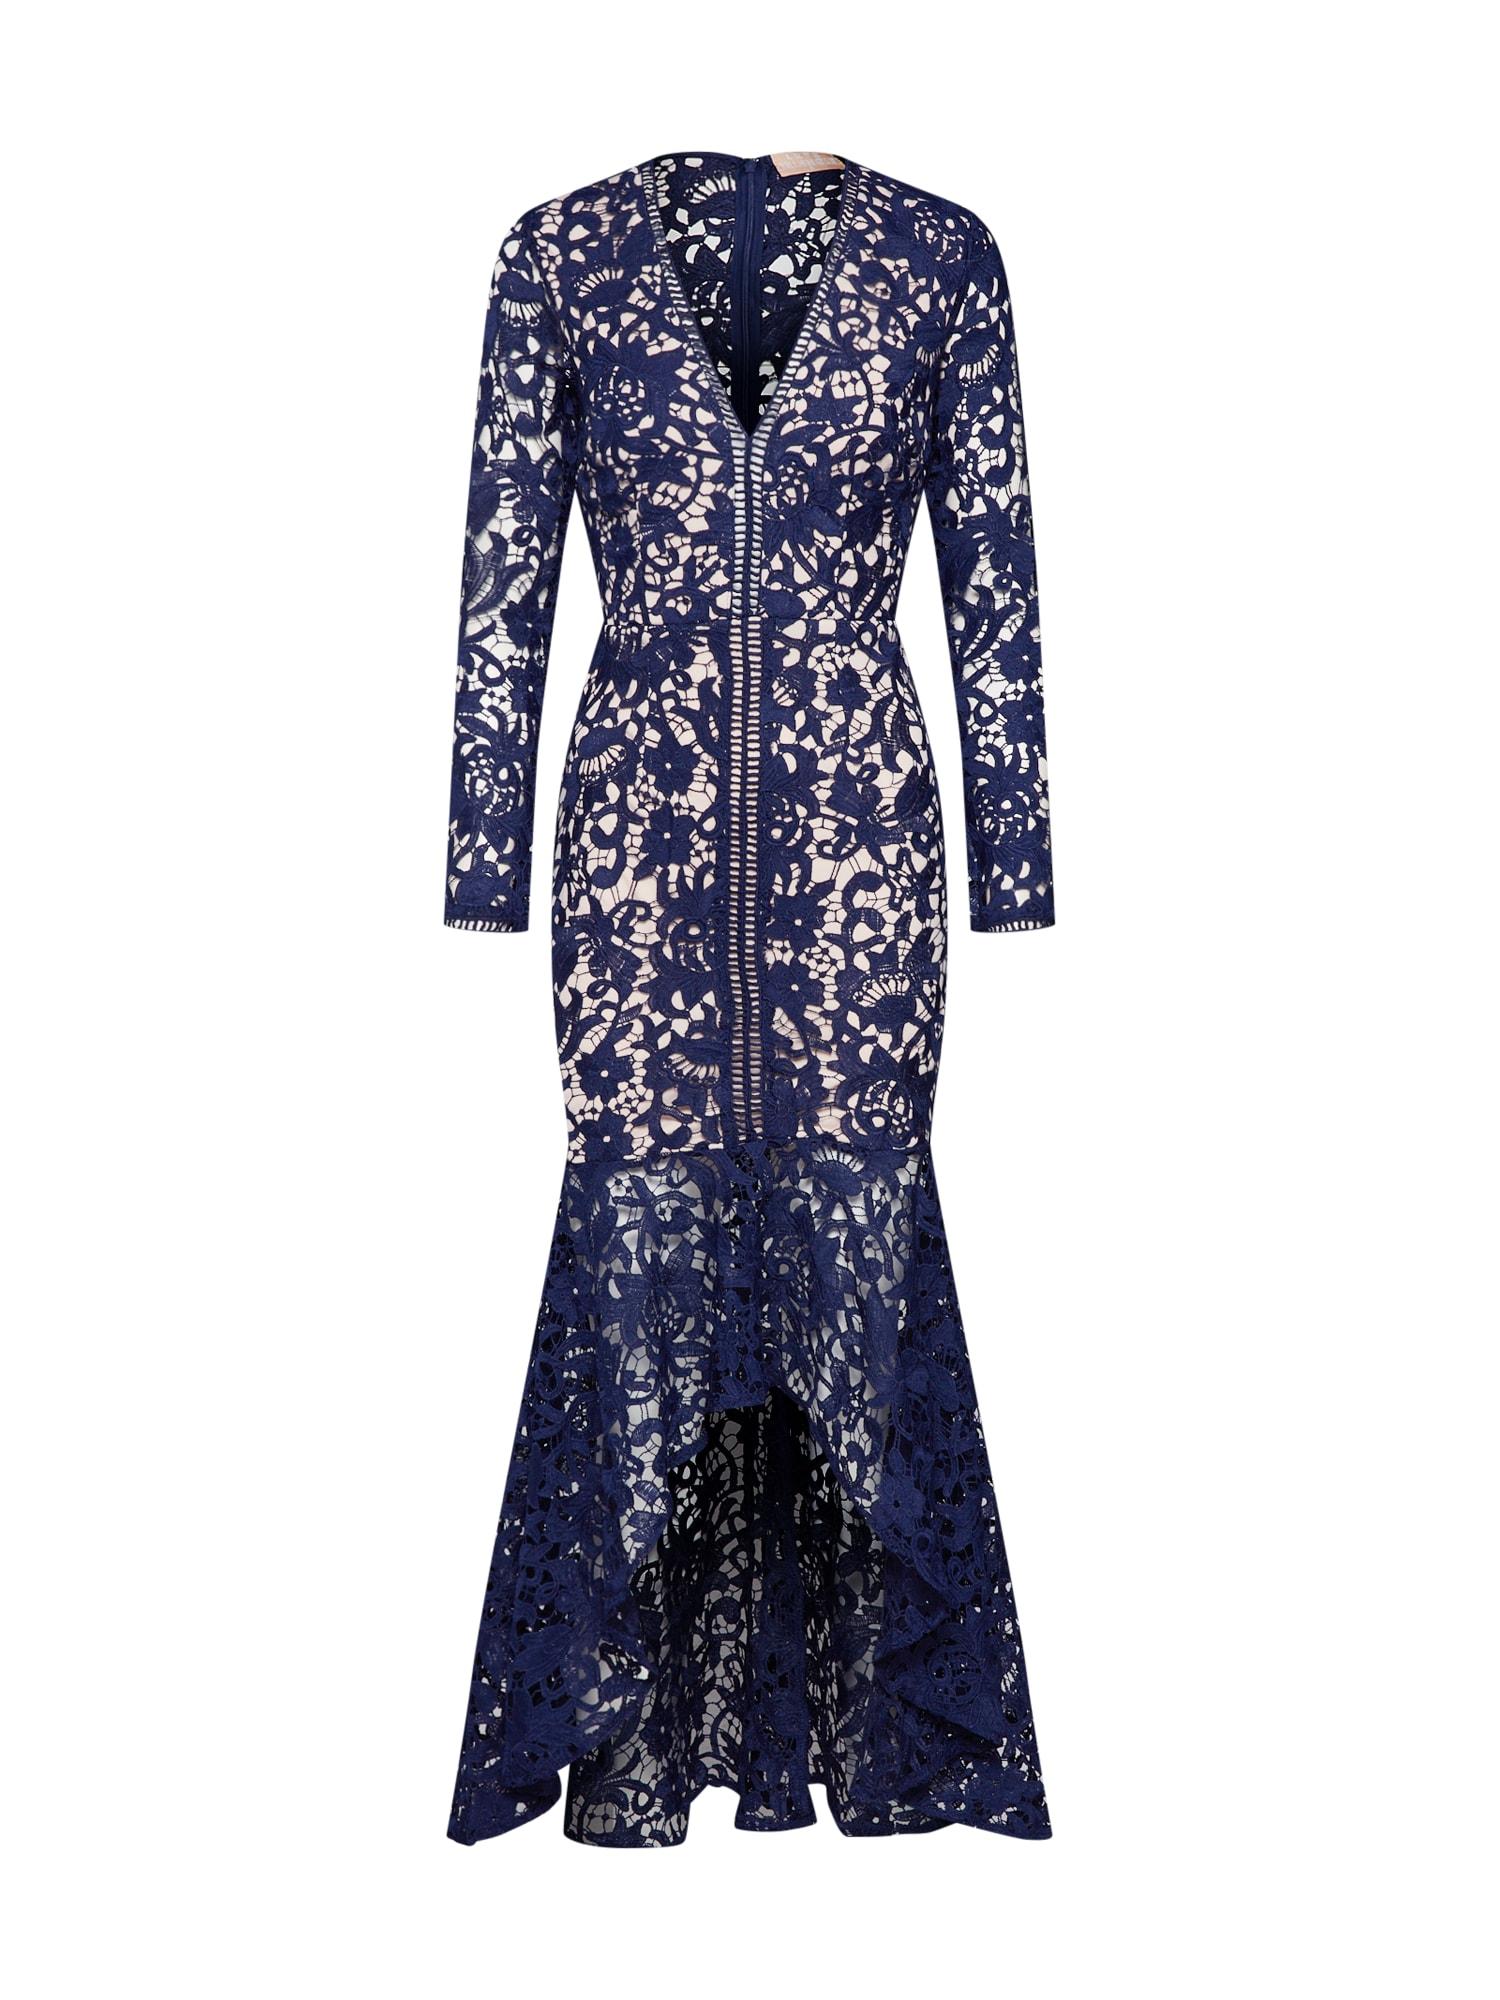 Společenské šaty LOVE BIRD DRESS námořnická modř Love Triangle